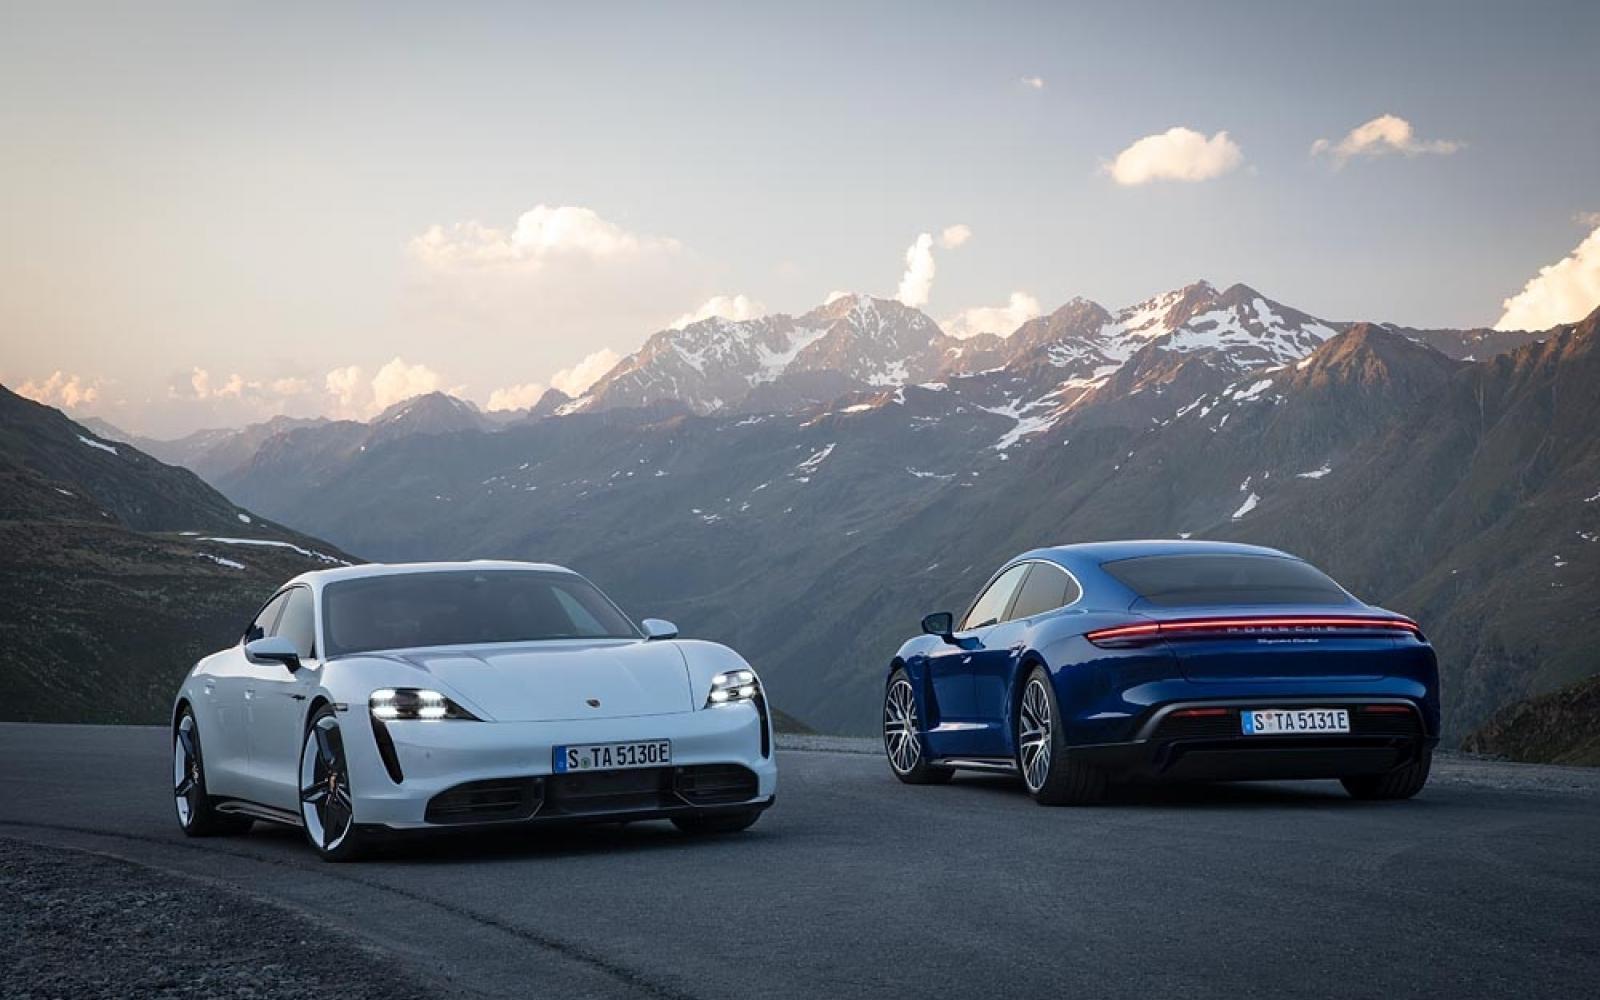 Elektrische Porsche Taycan is de Porsche 911 van de toekomst